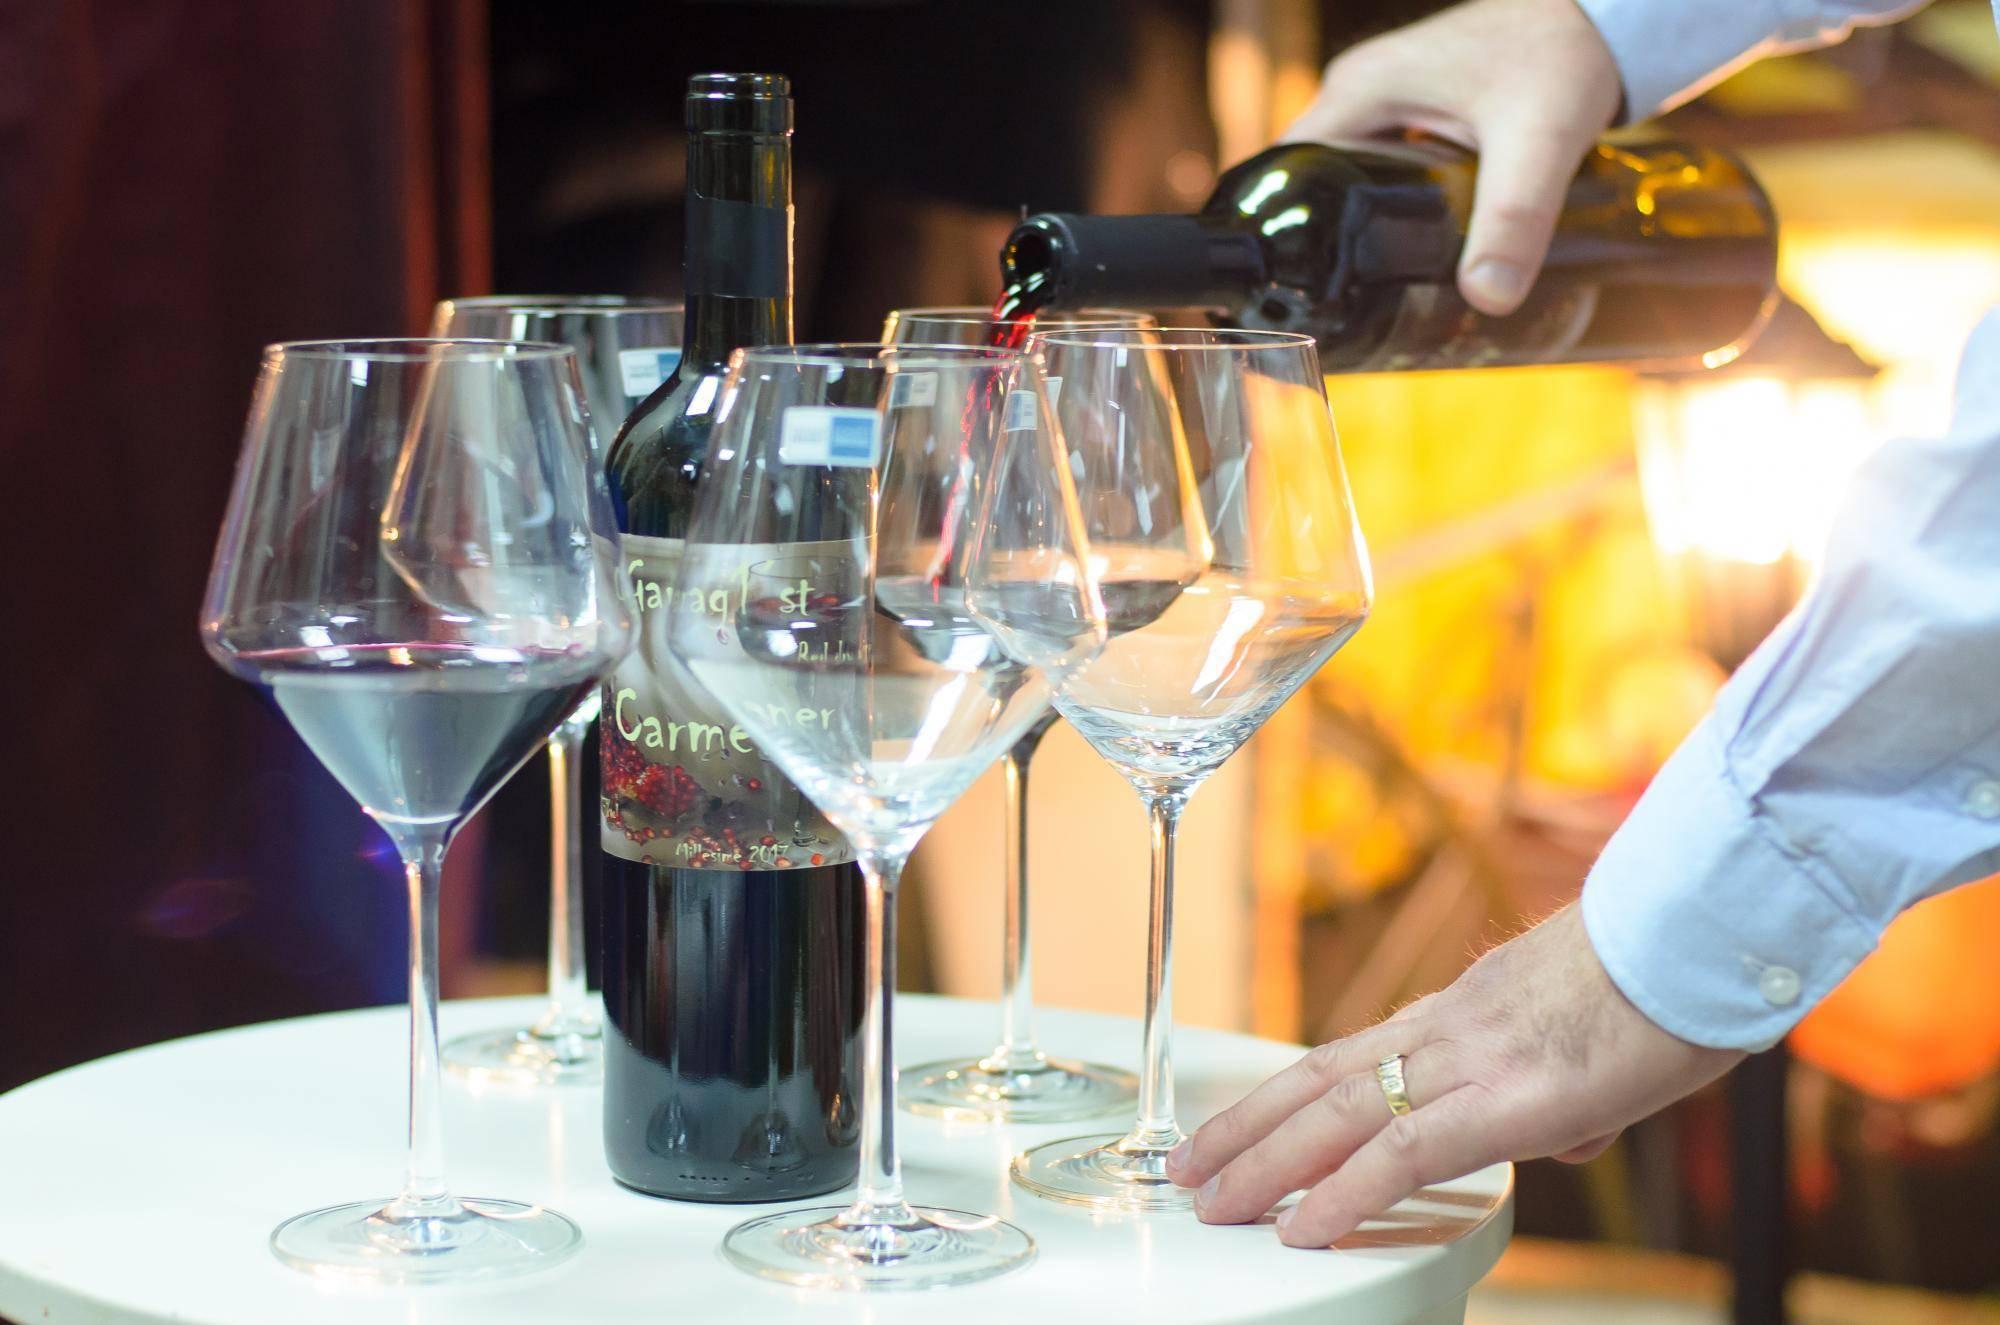 Правильная винная дегустация: фото, видео, критерии и система оценки качества виноградных вин